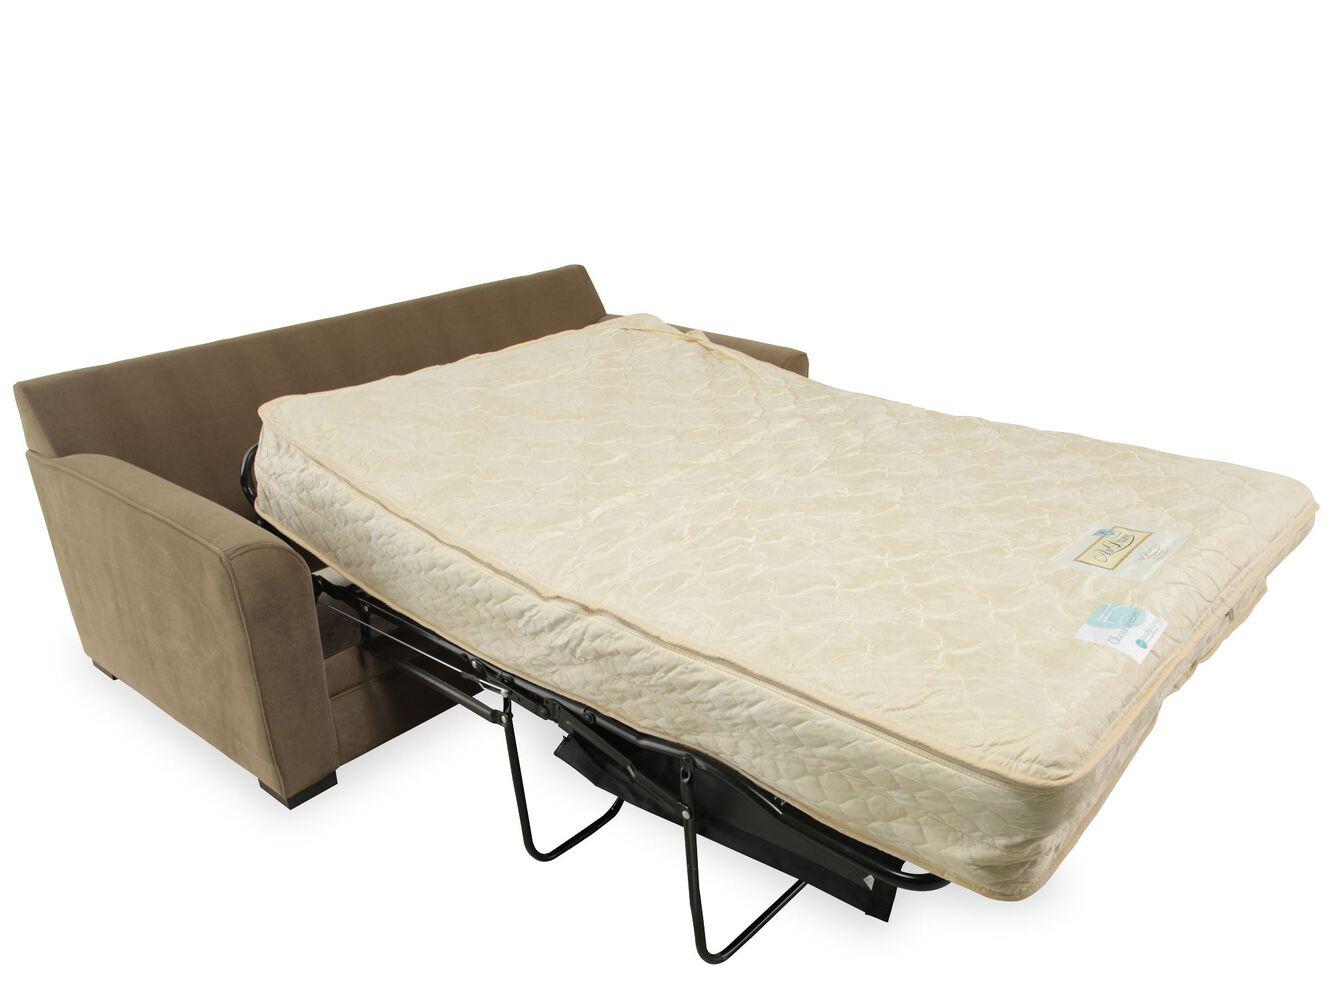 Full Sleeper Sofa With Air Mattress MenzilperdeNet